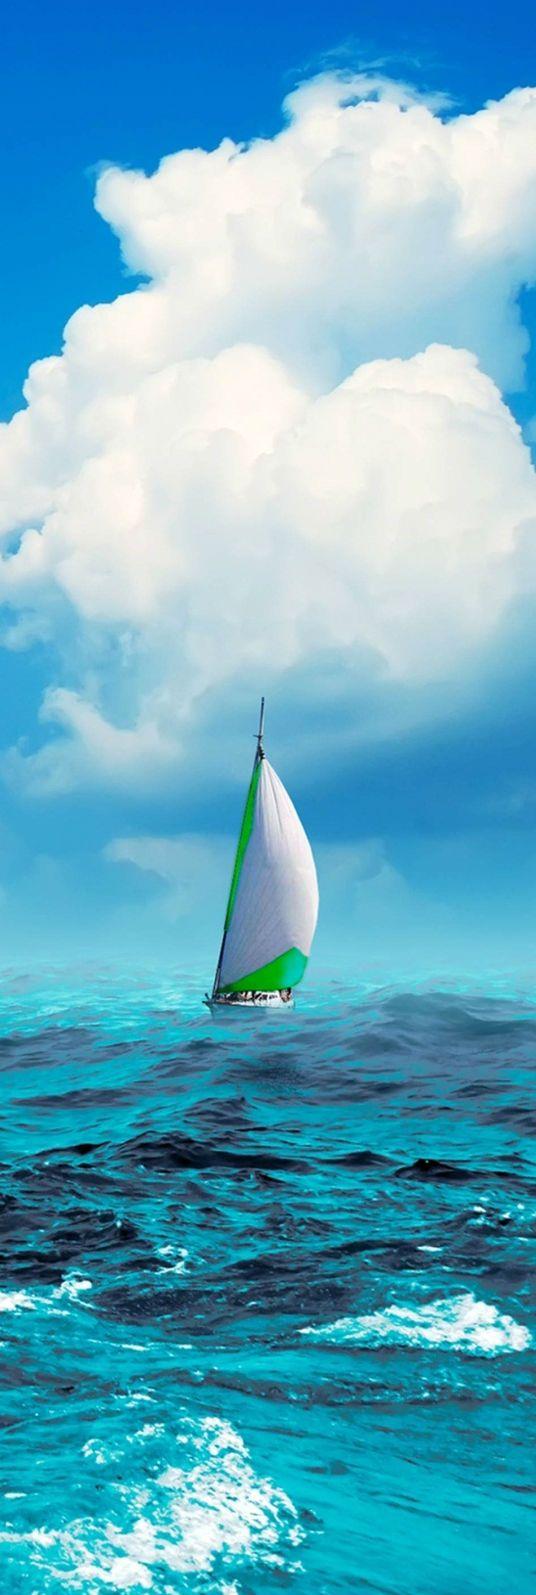 Entre el cielo y el mar ...